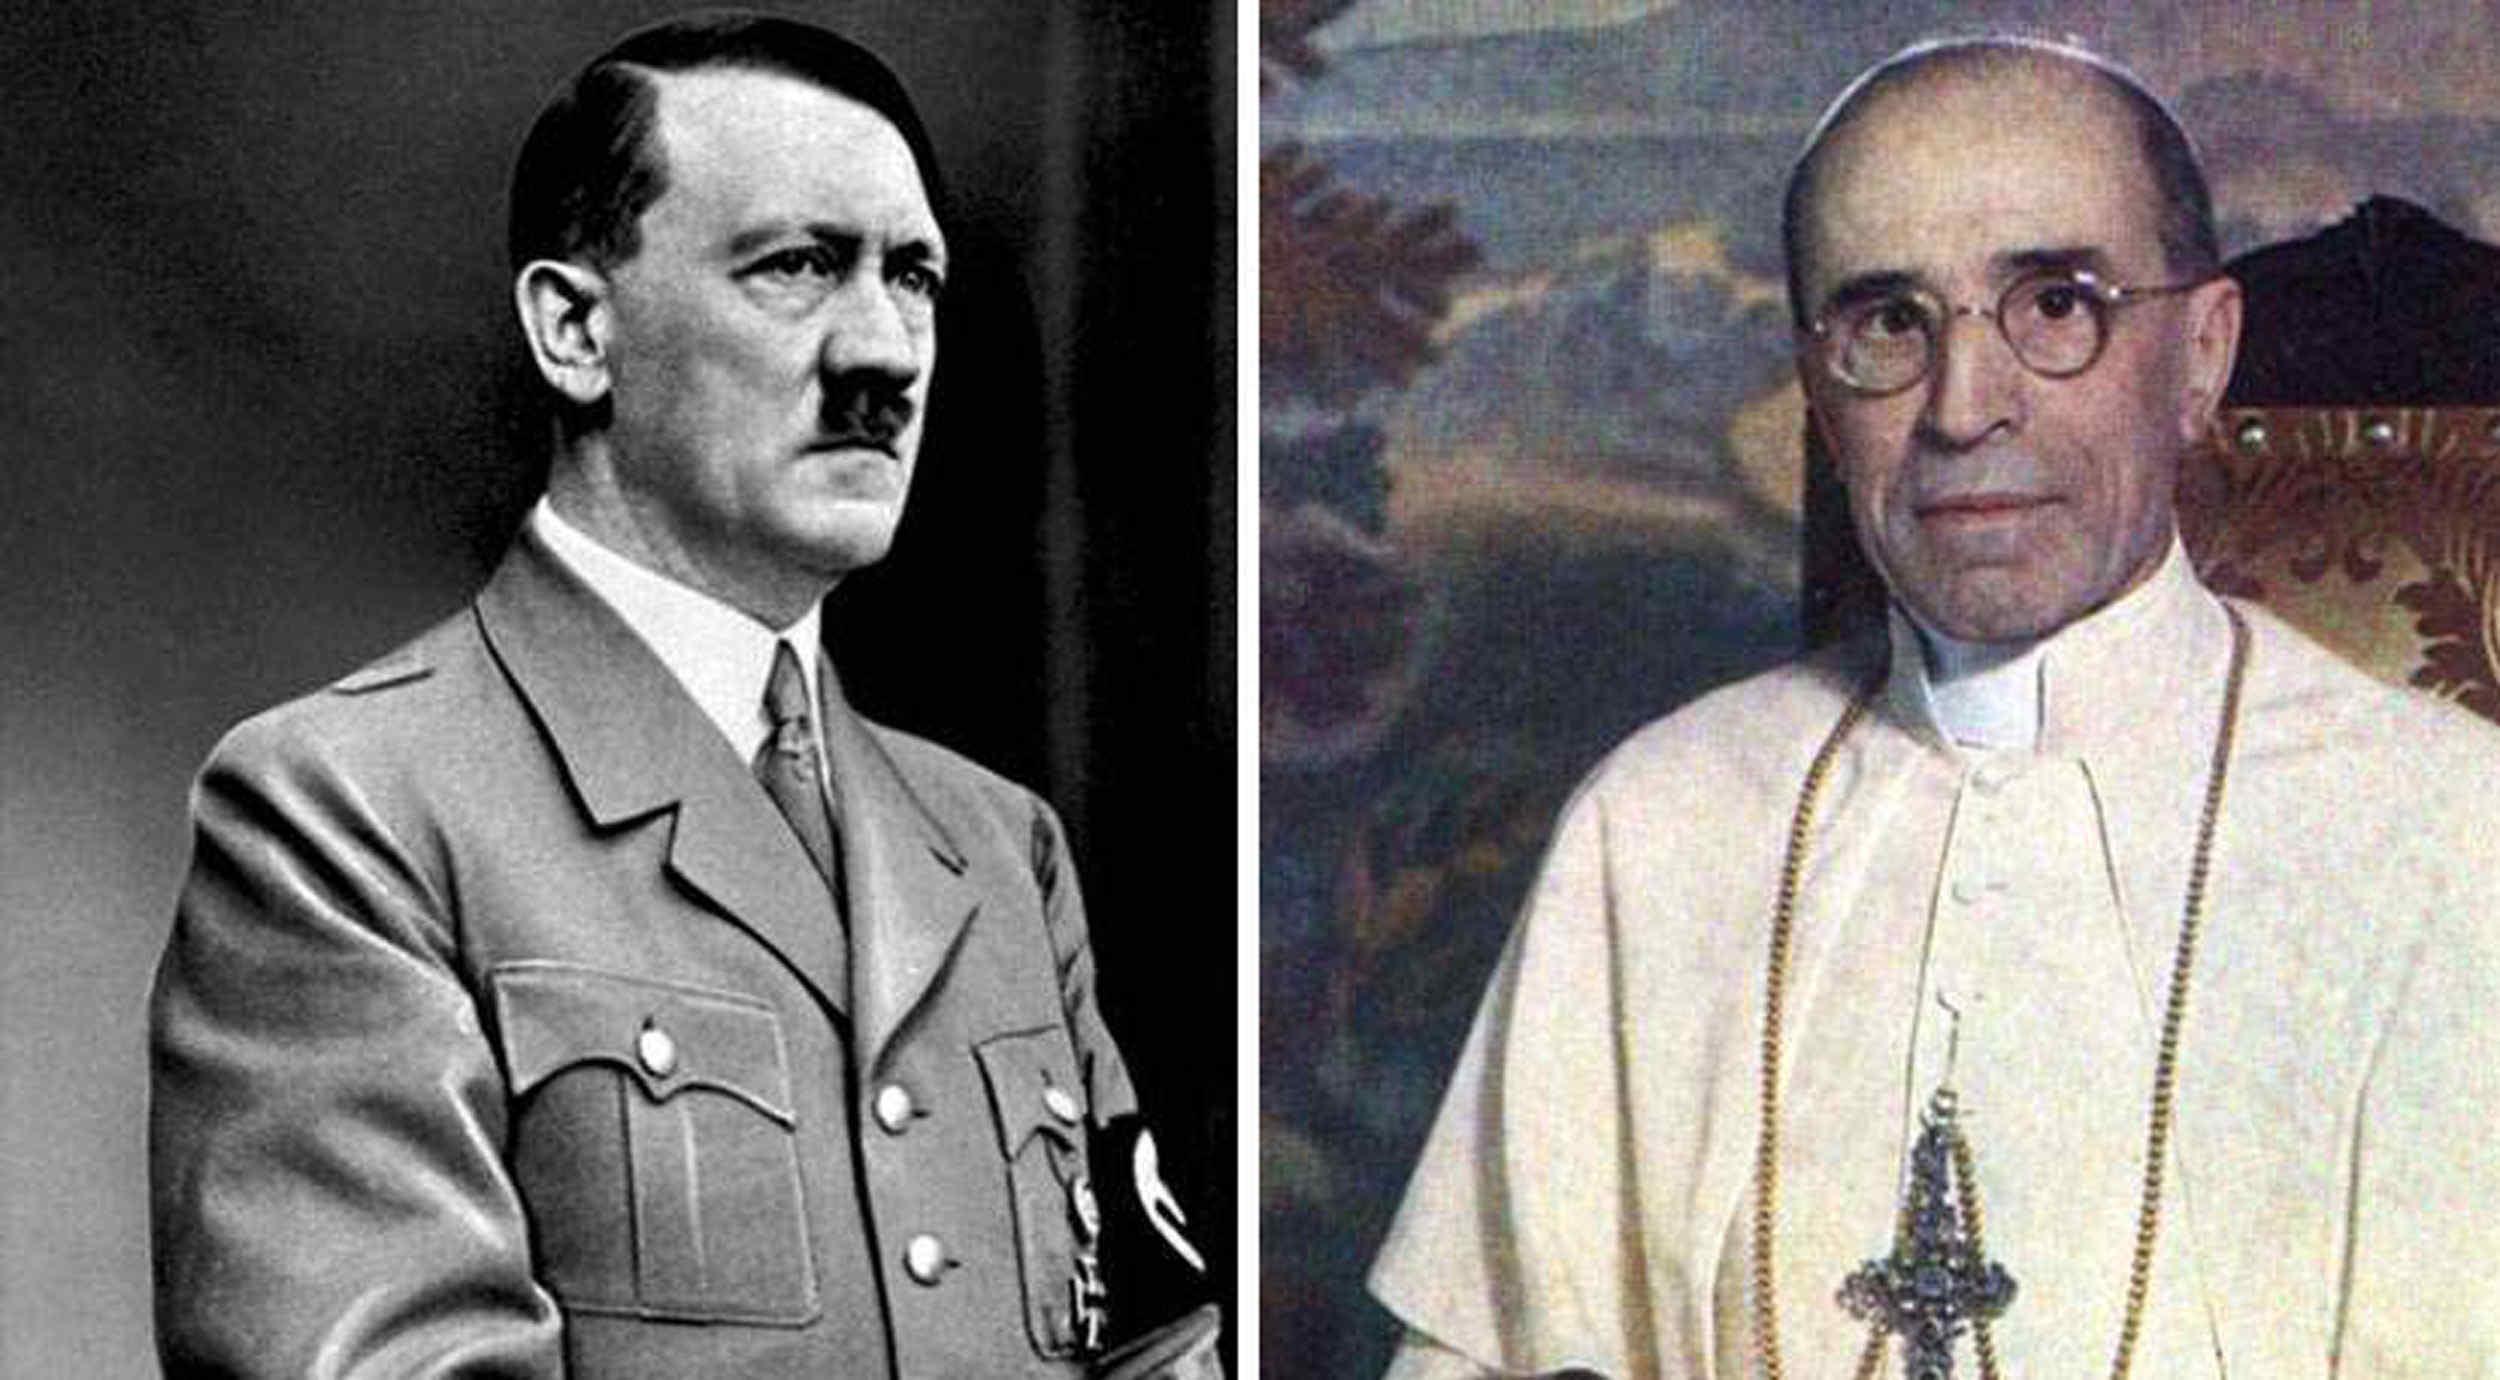 Se estudiará si Pio XII fue cómplice del nazismo